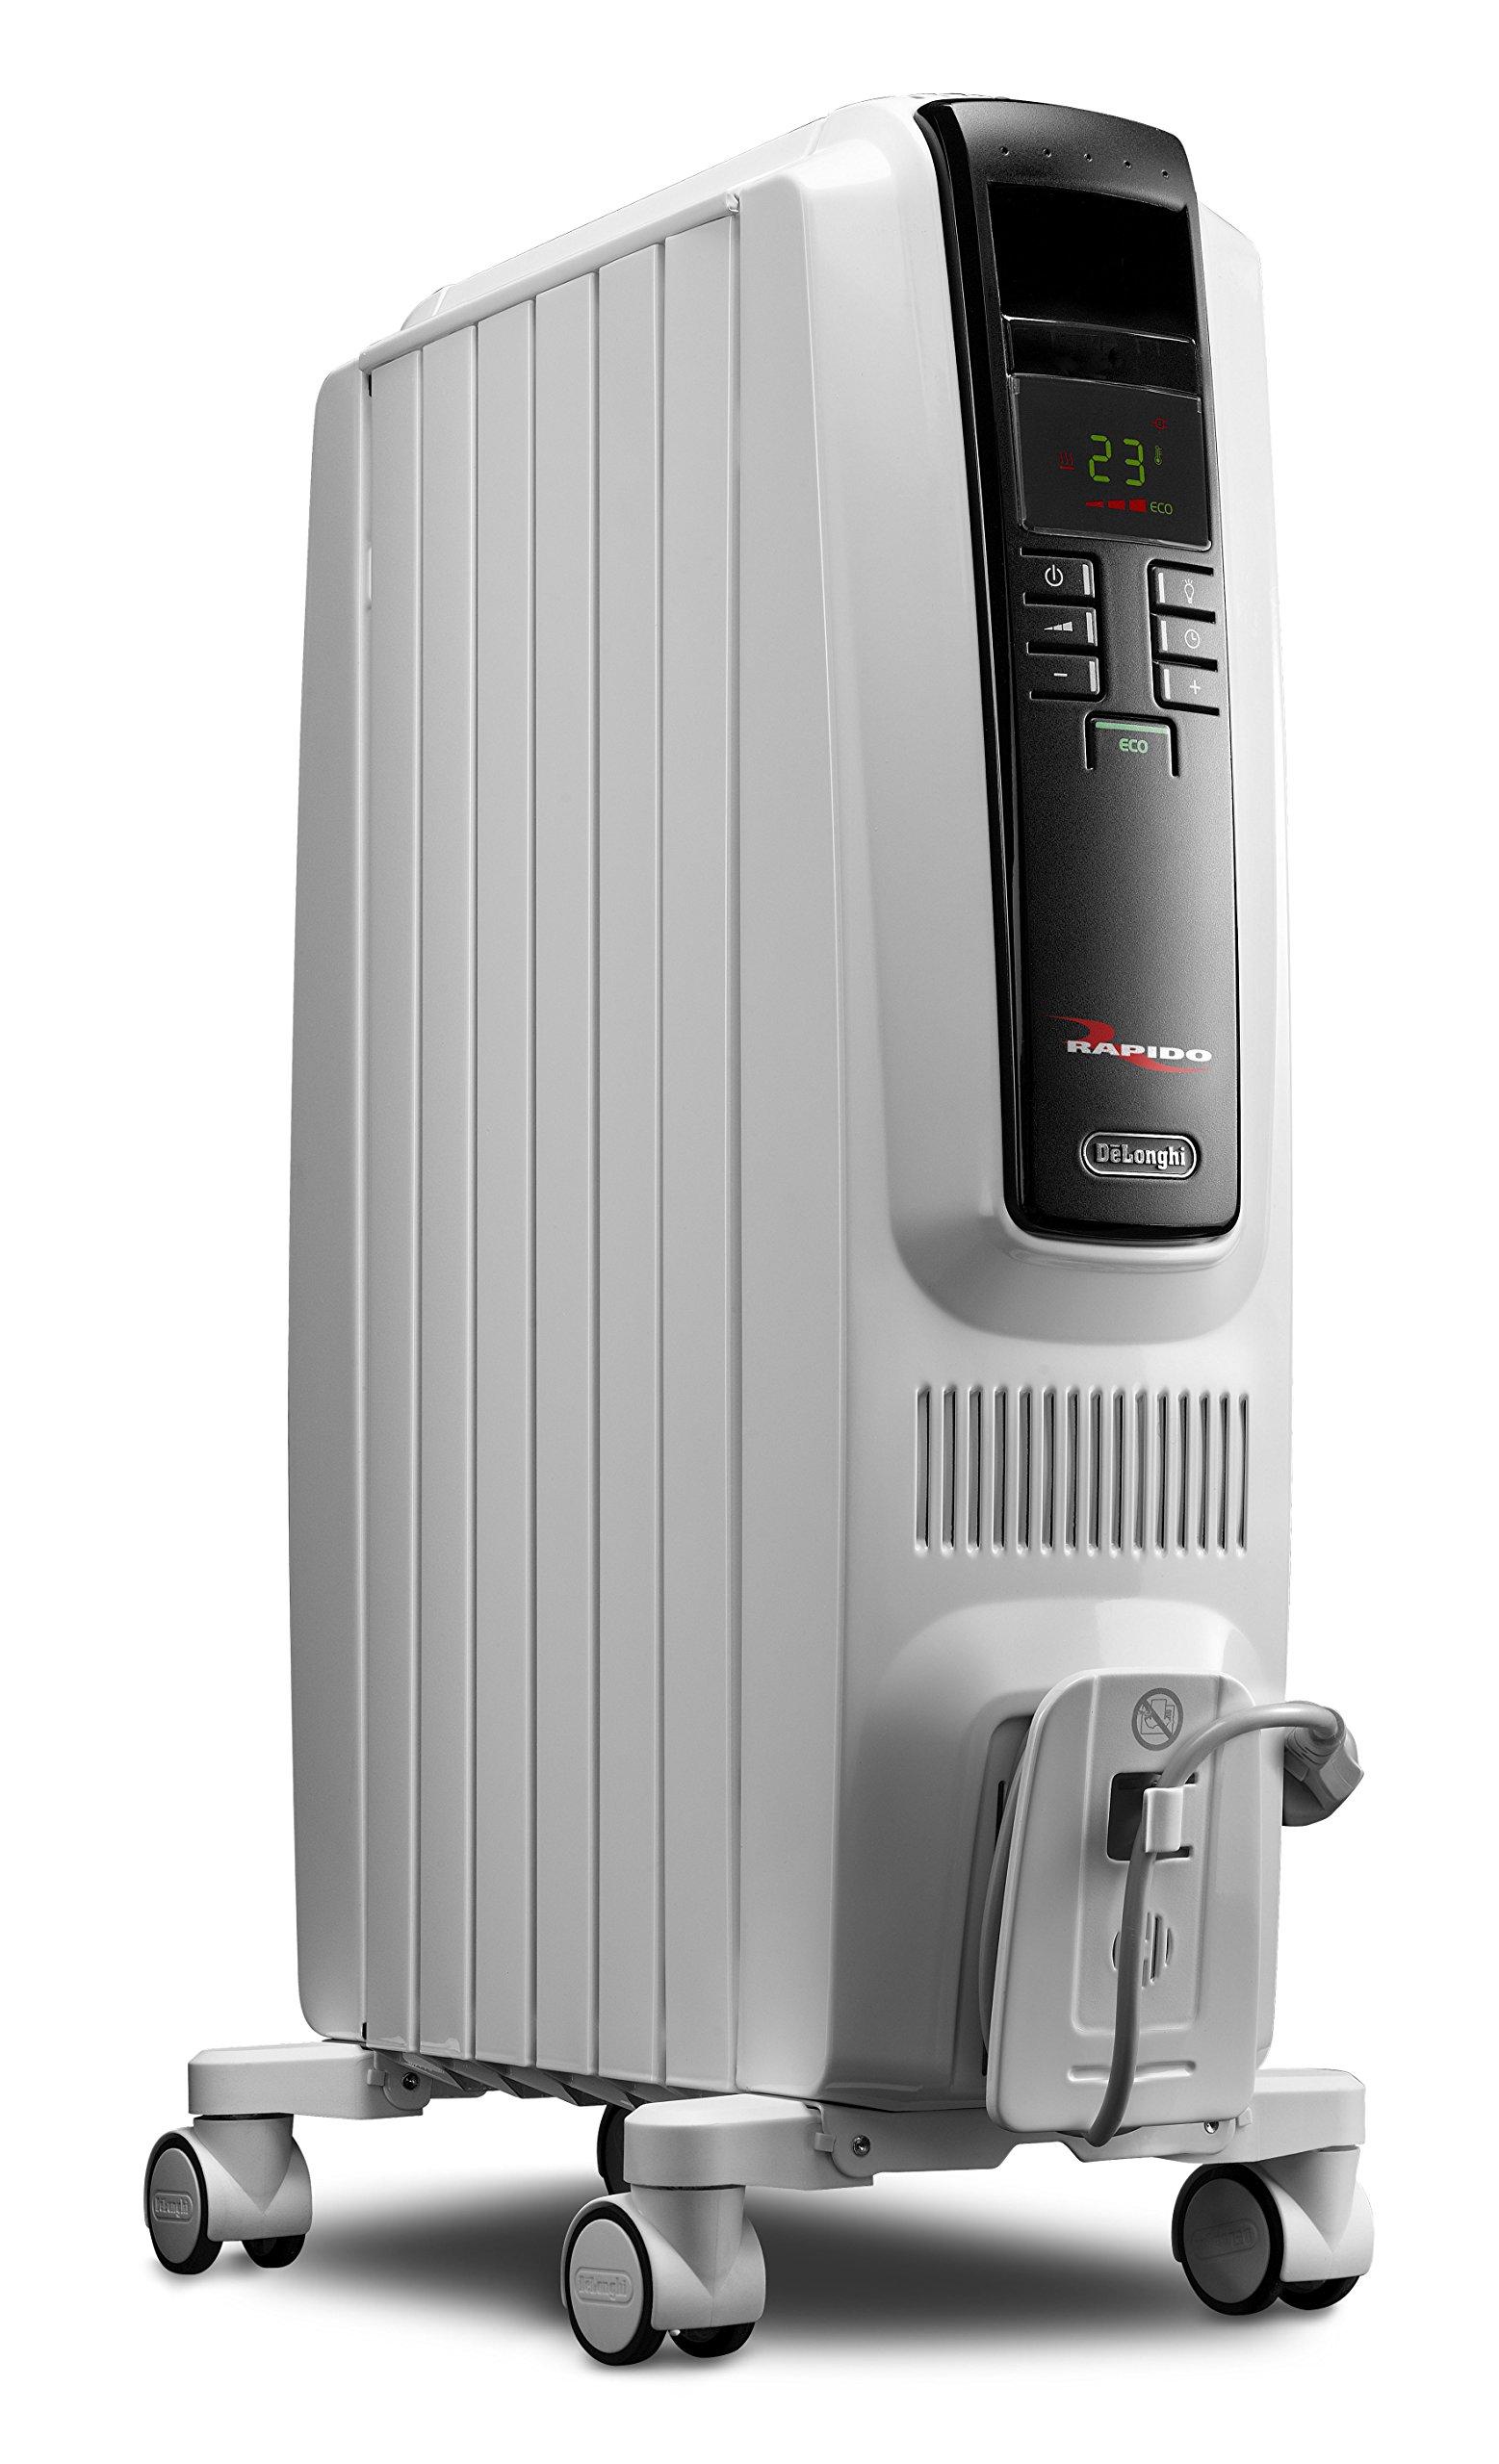 DeLonghi TRD40615E Full Radiant Heater